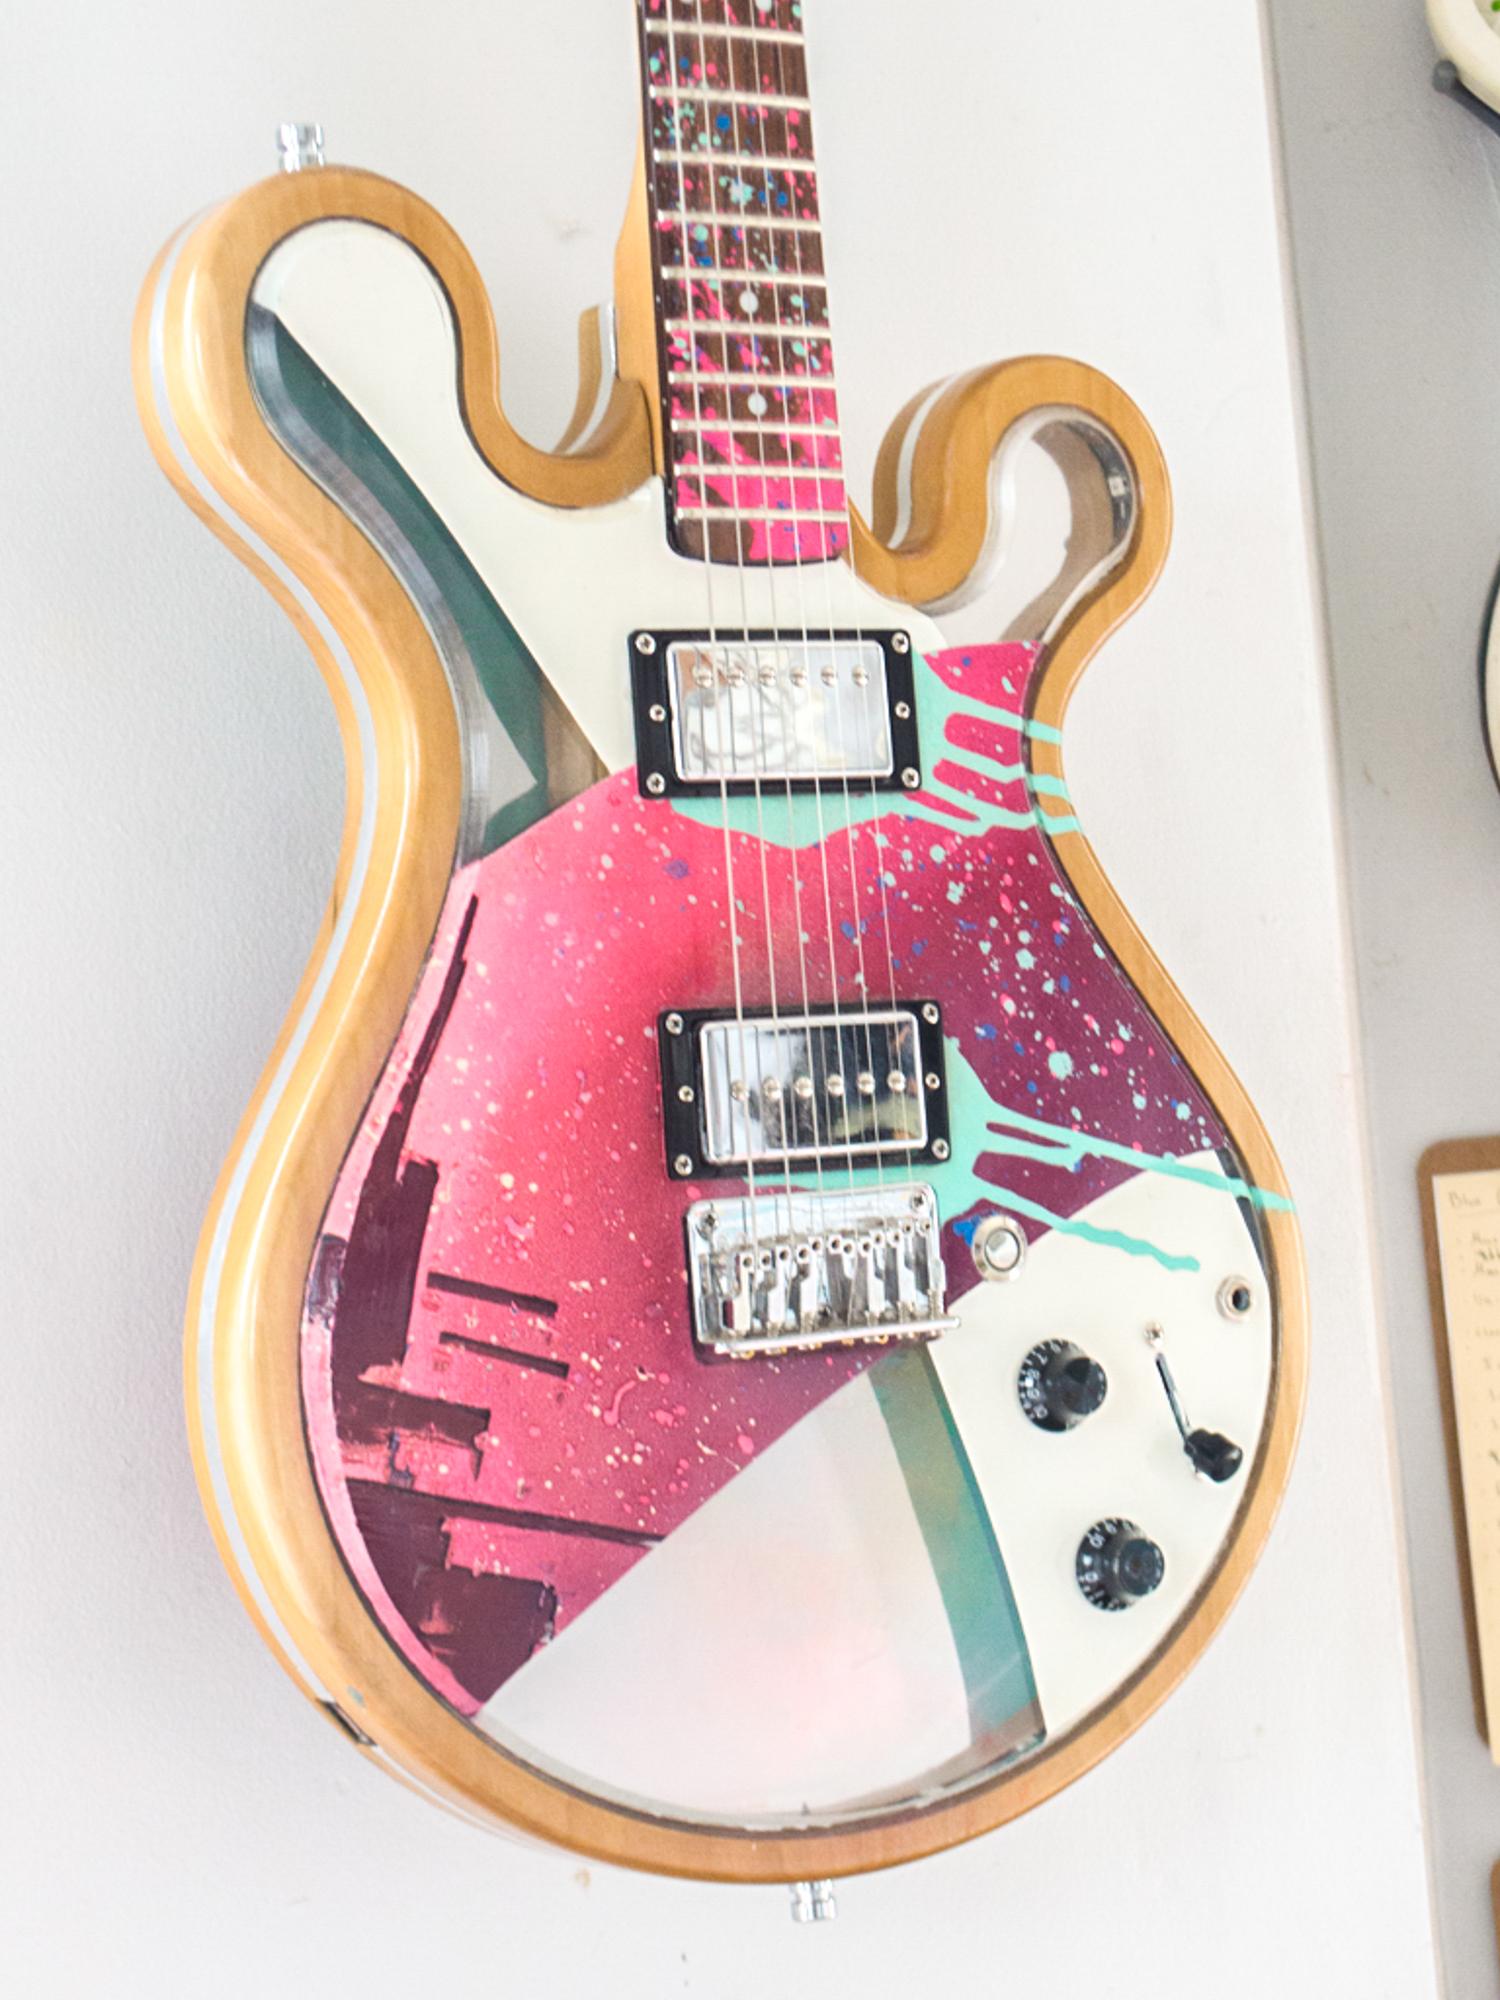 Aurora_Gallo_Guitar_LED_Art-2.jpg